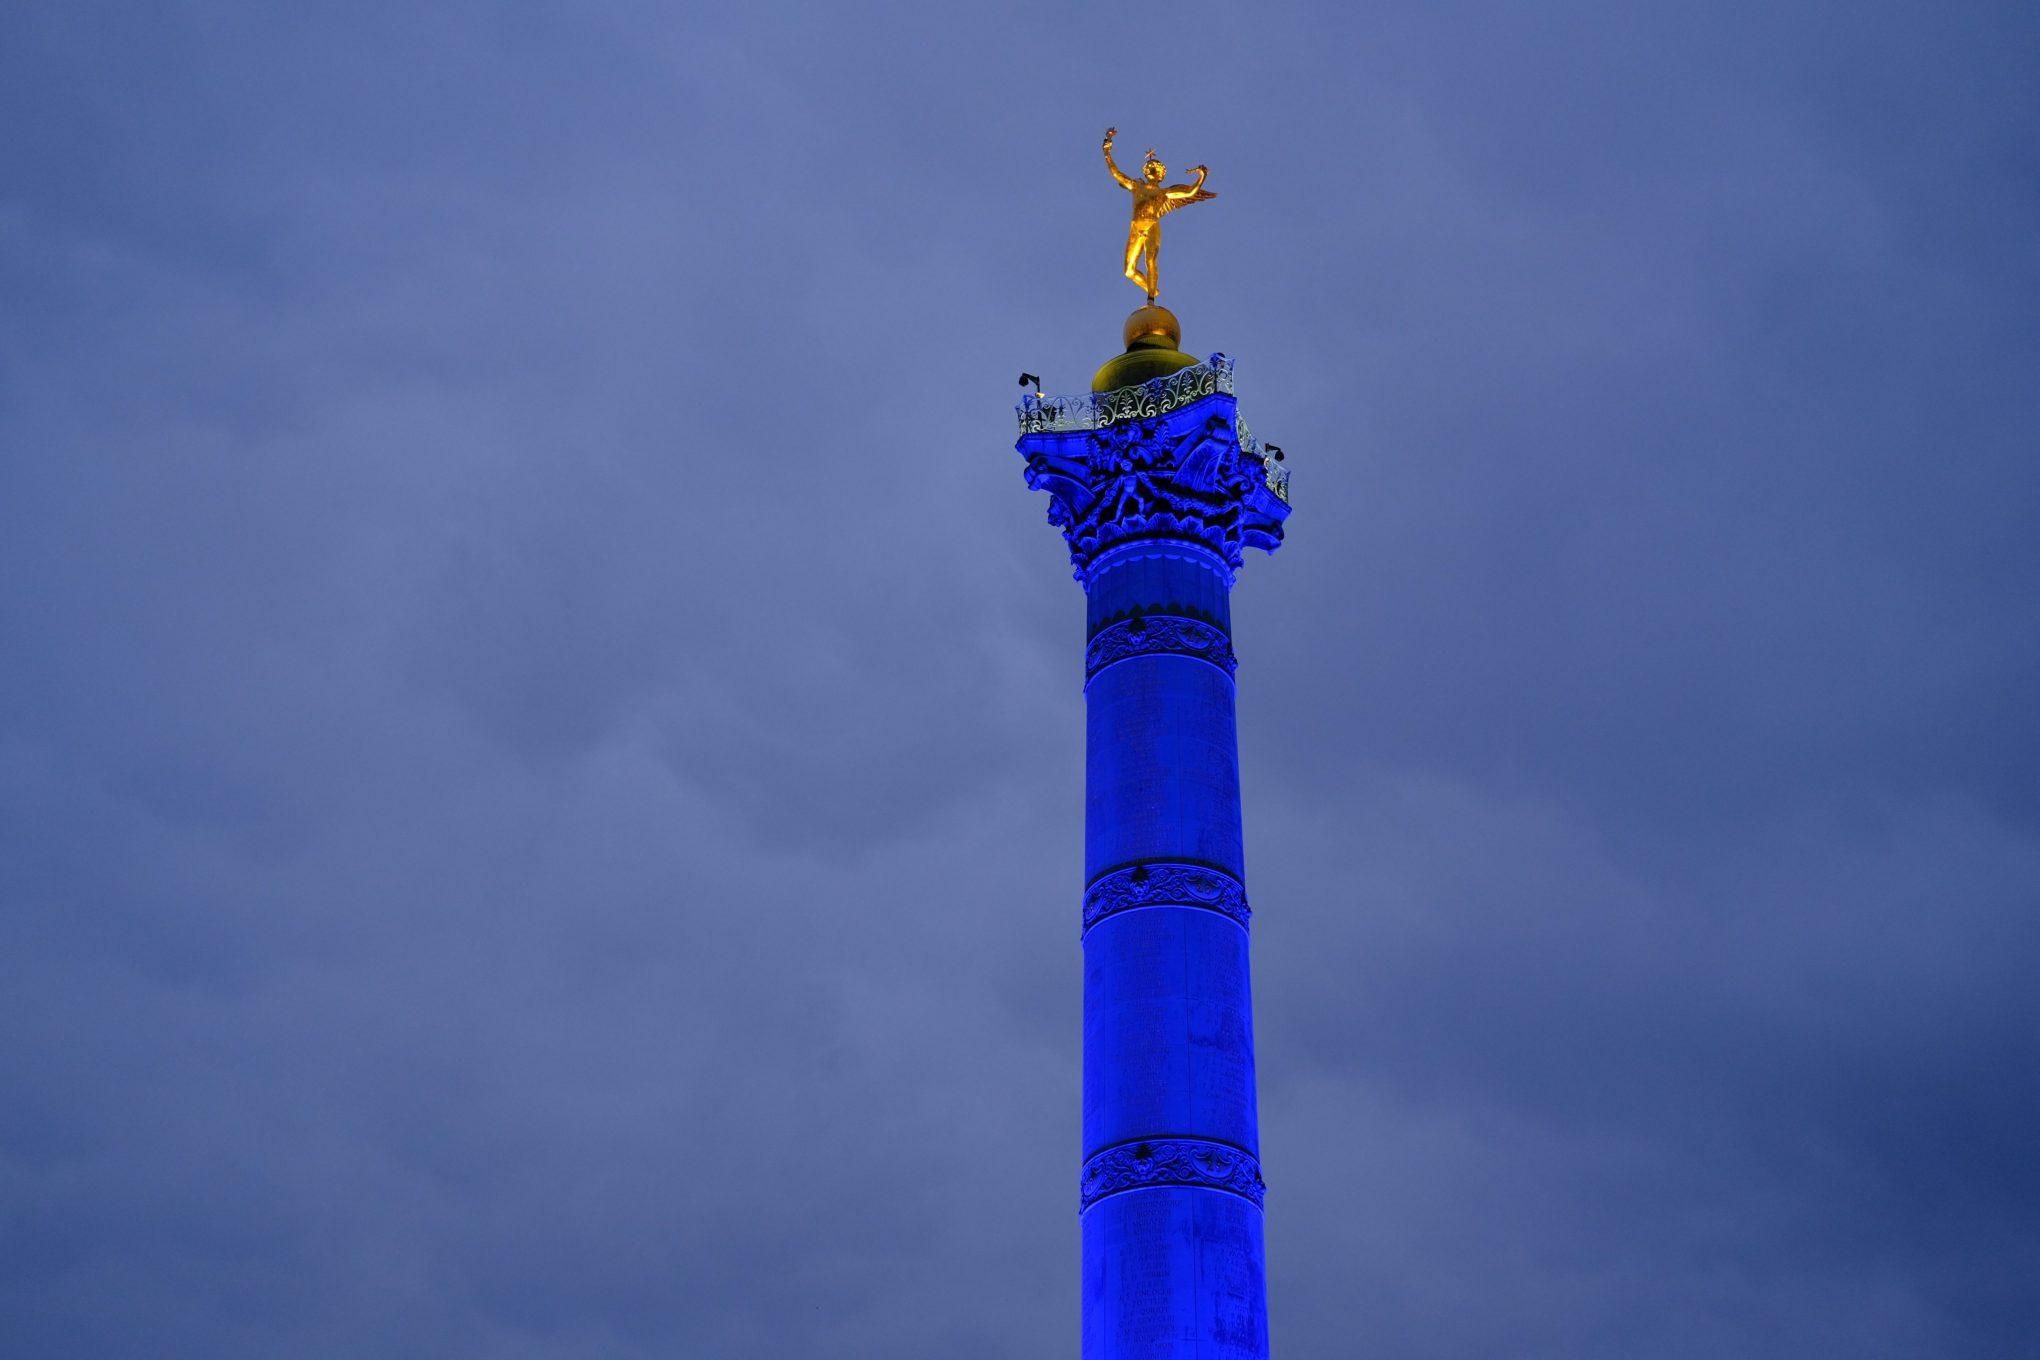 La superbe colonne de la place de la Bastille à la jonction de trois arrondissements parisiens